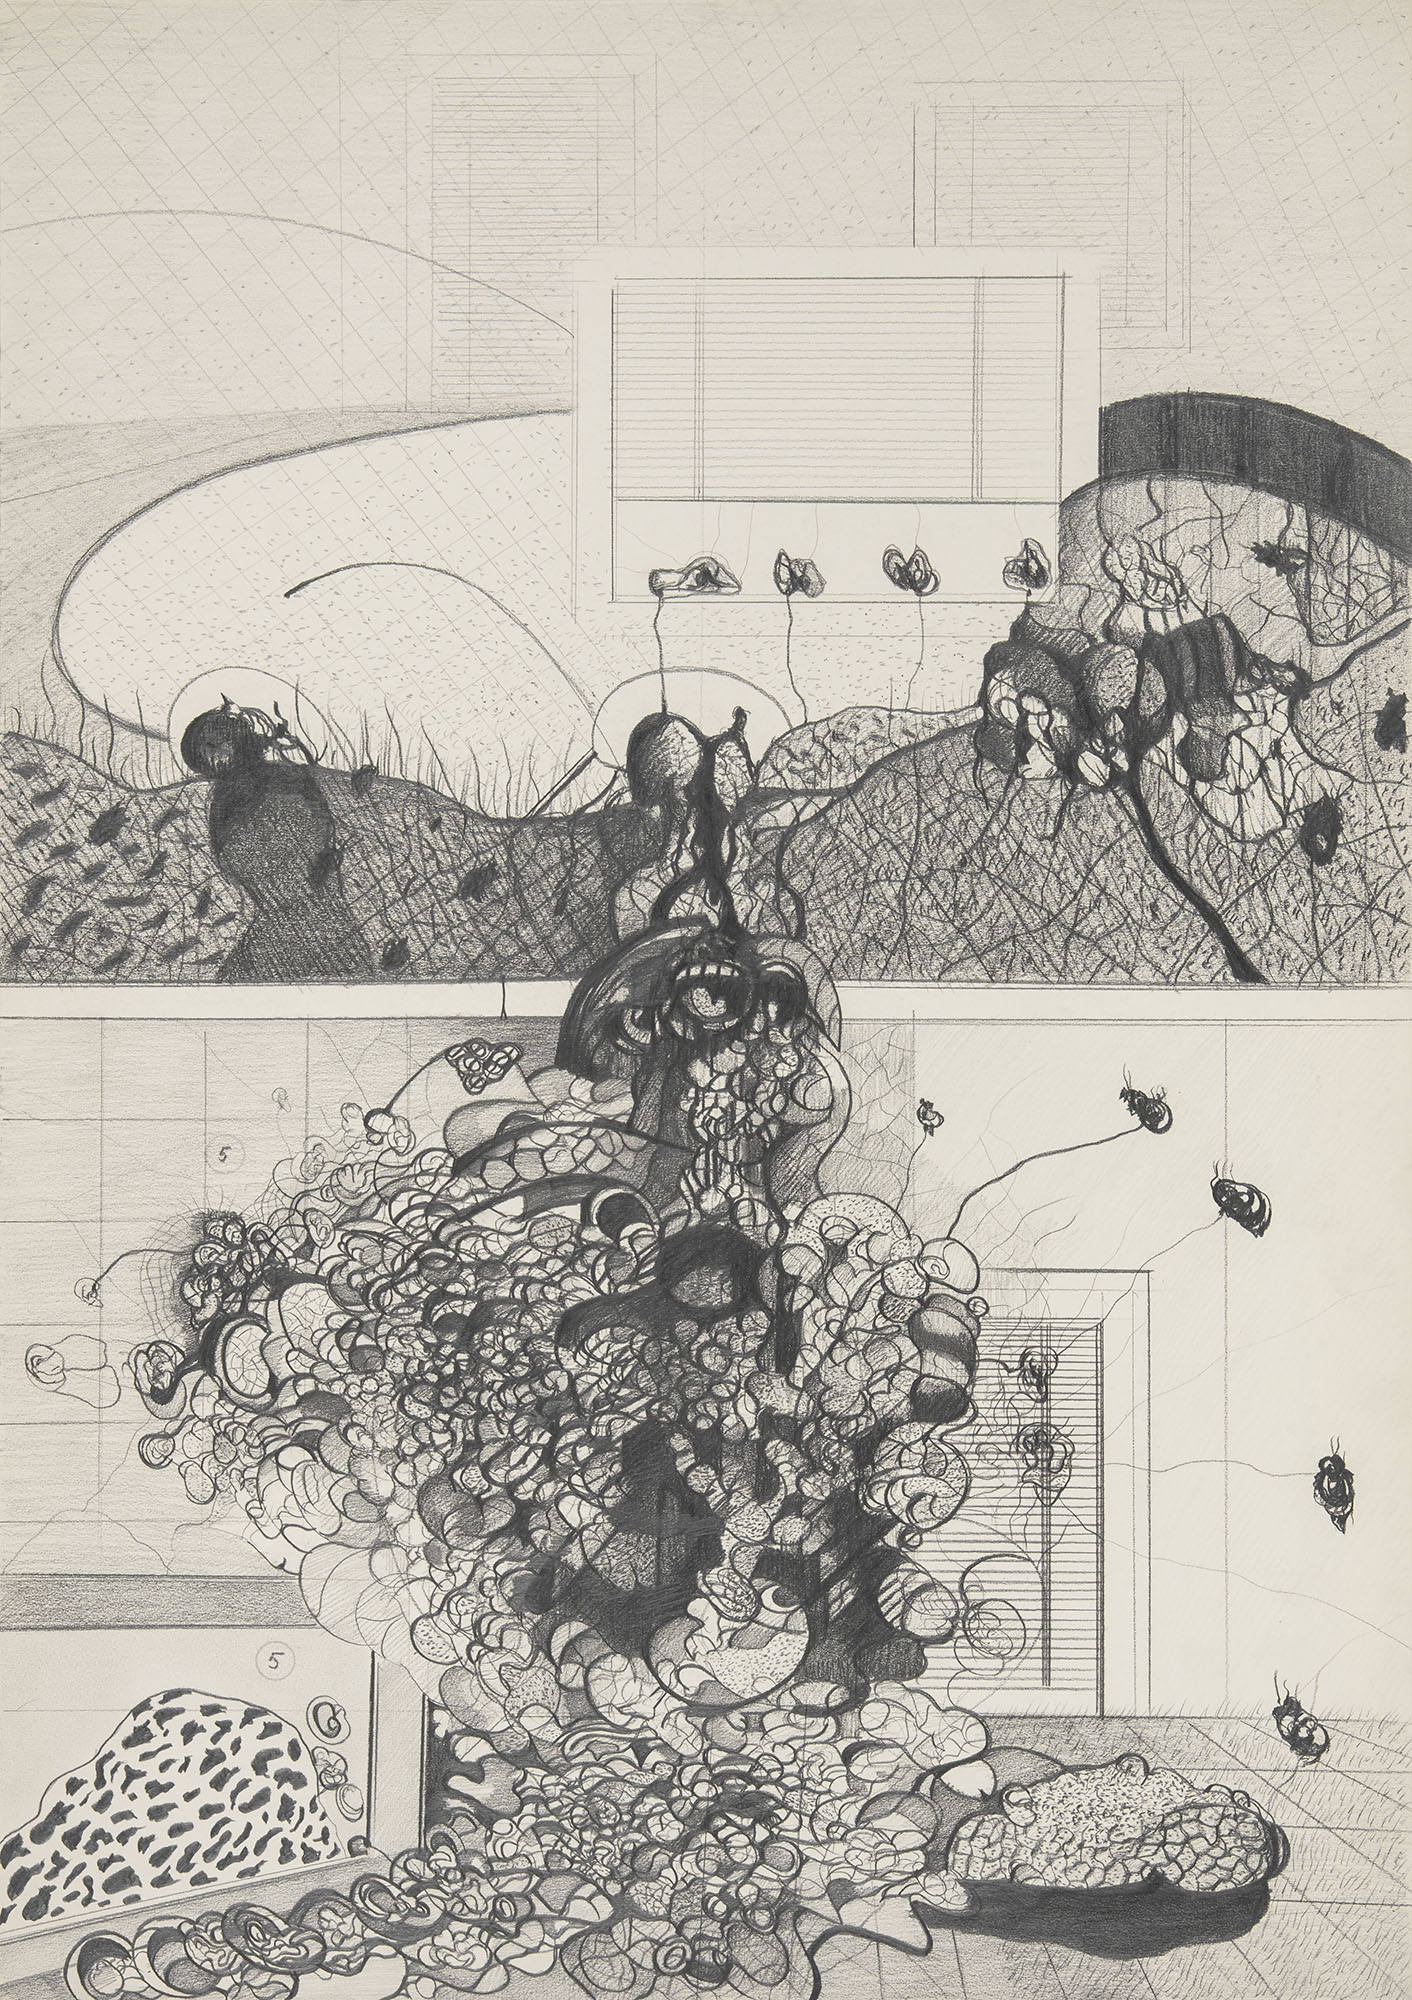 Łukasz Korolkiewicz, untitled, 1971, pencil on paper, Łukasz Korolkiewicz ©, courtesy of Monopol Gallery